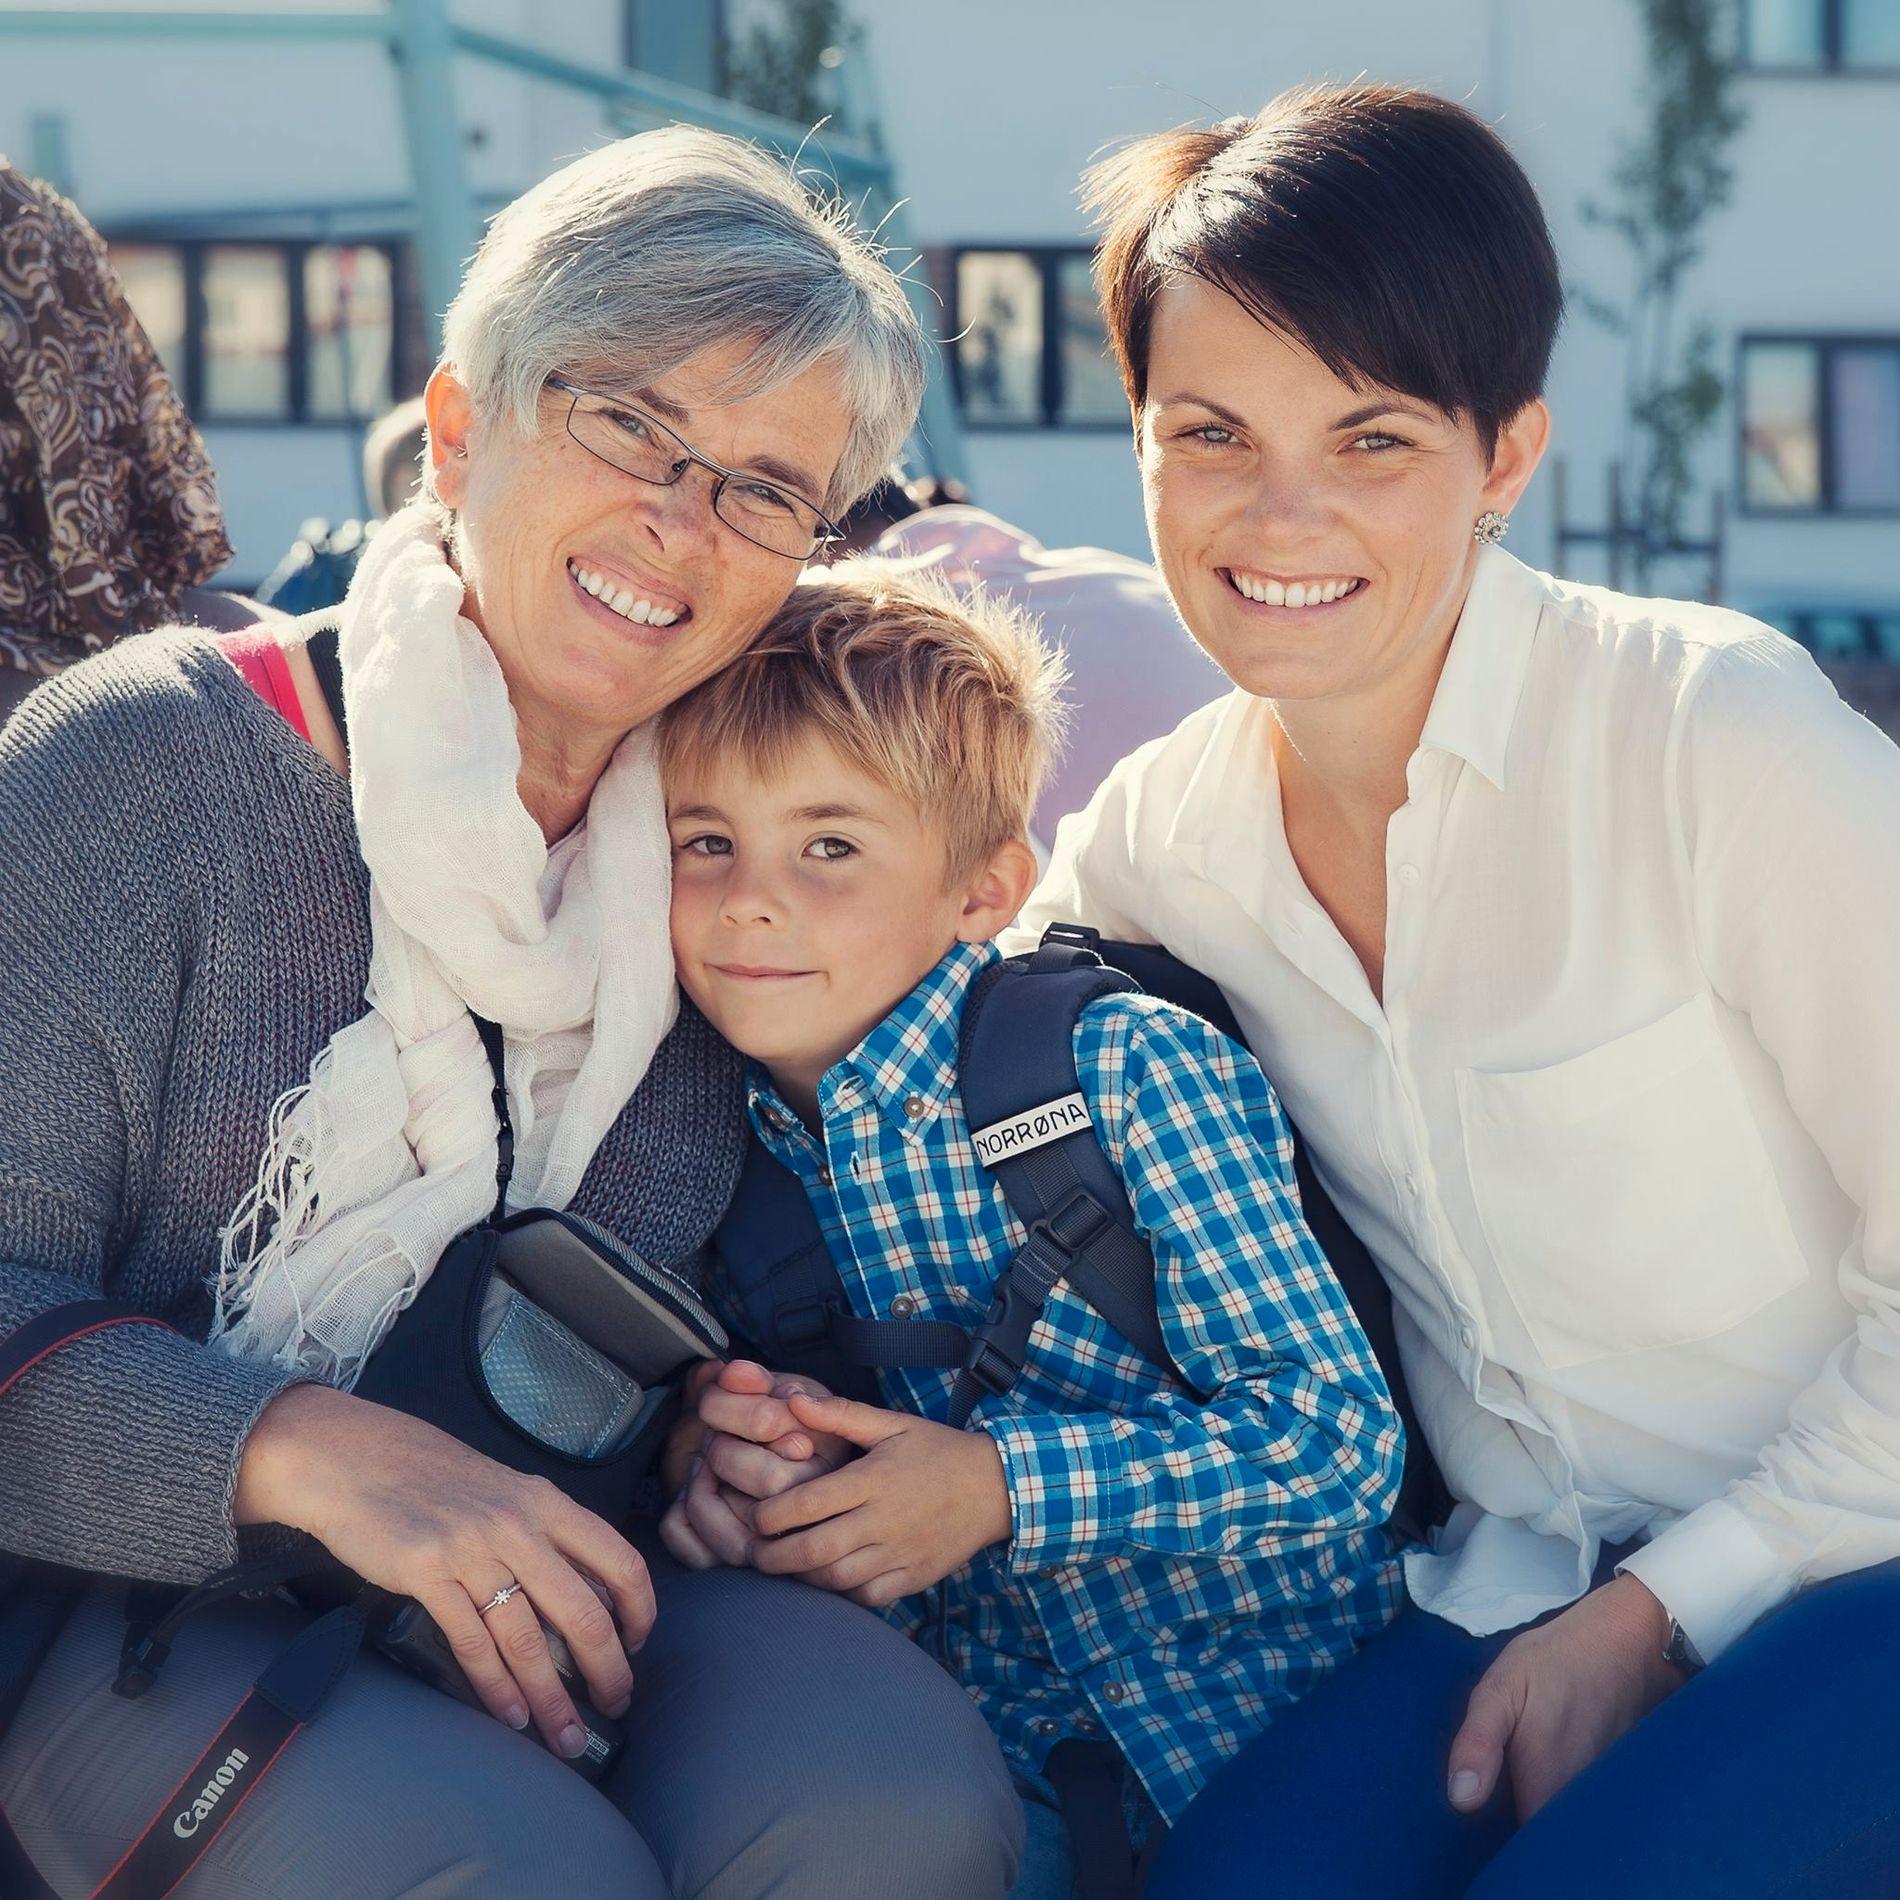 SPENT SKOLEGUTT: August sammen med mormor Marit Gjelsnes og mamma Guro Skjelderup på sin første skoledag. – Det var litt gøy å føle seg så stor, og jeg var spent. Men så ble det bare dritt, sier han idag om skolestarten.